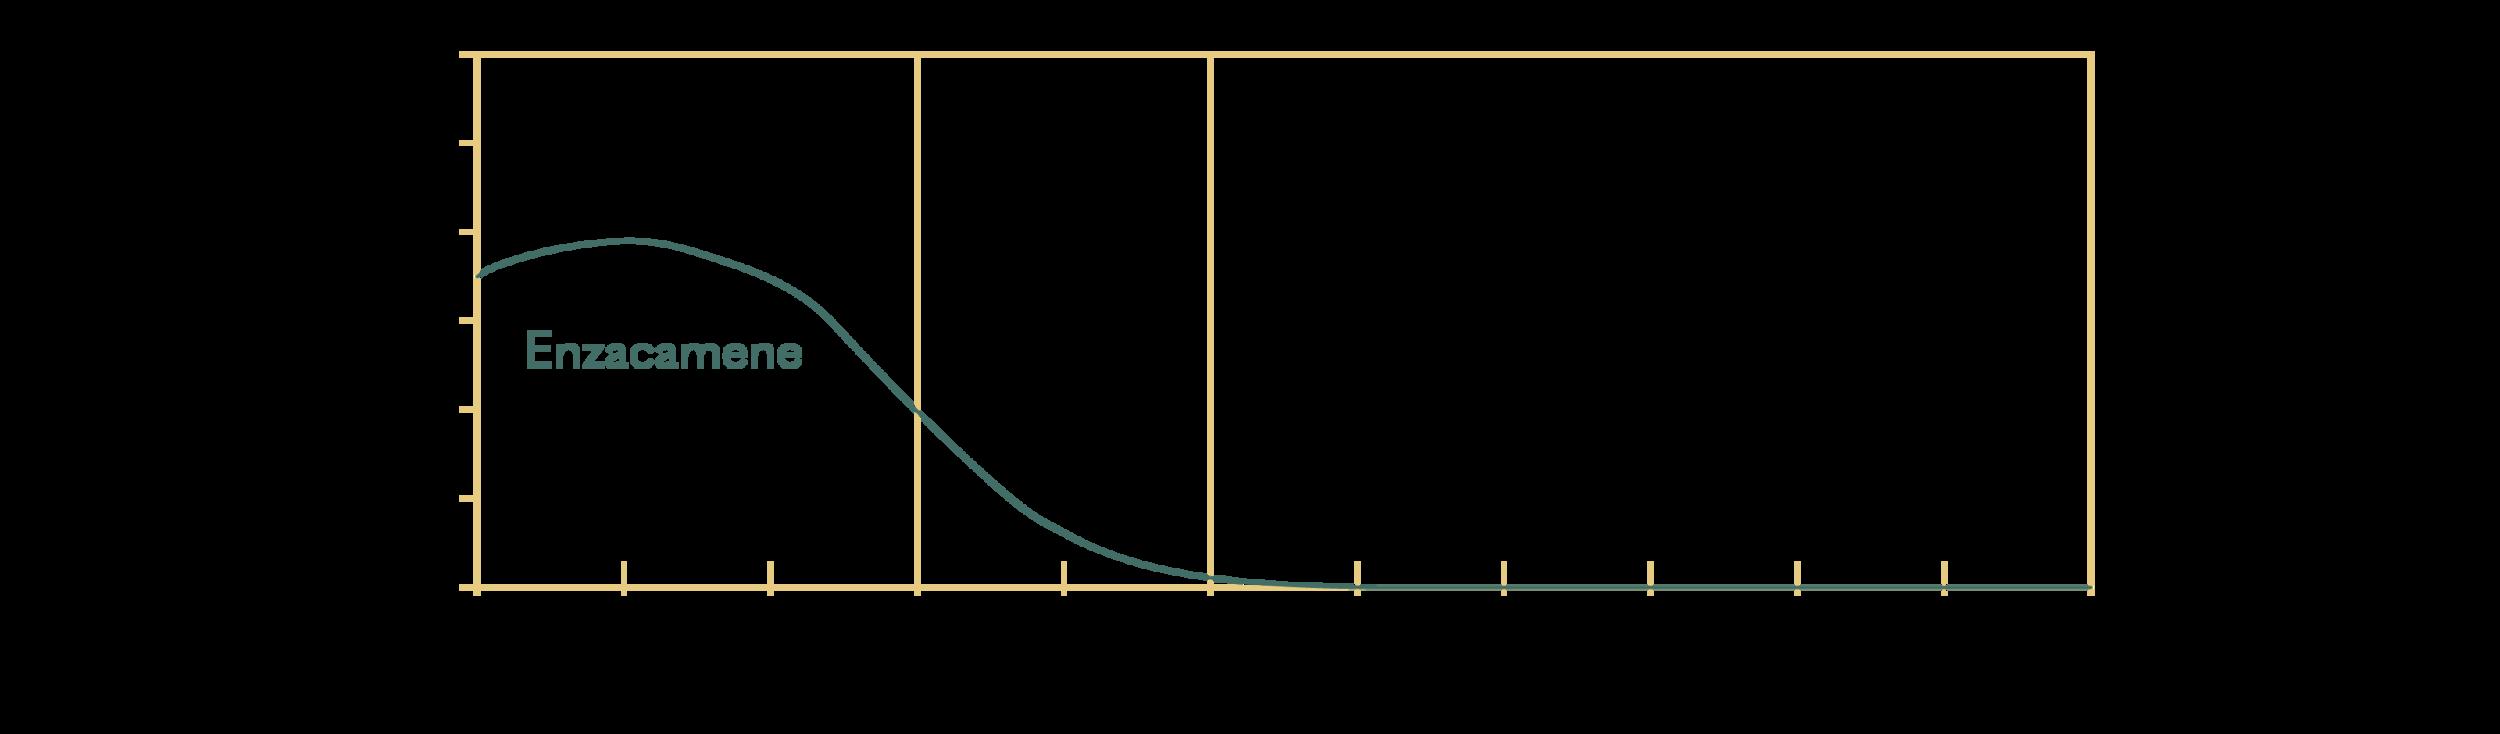 Enzacamene; INCI: 4-Methylbenzylidene Camphor